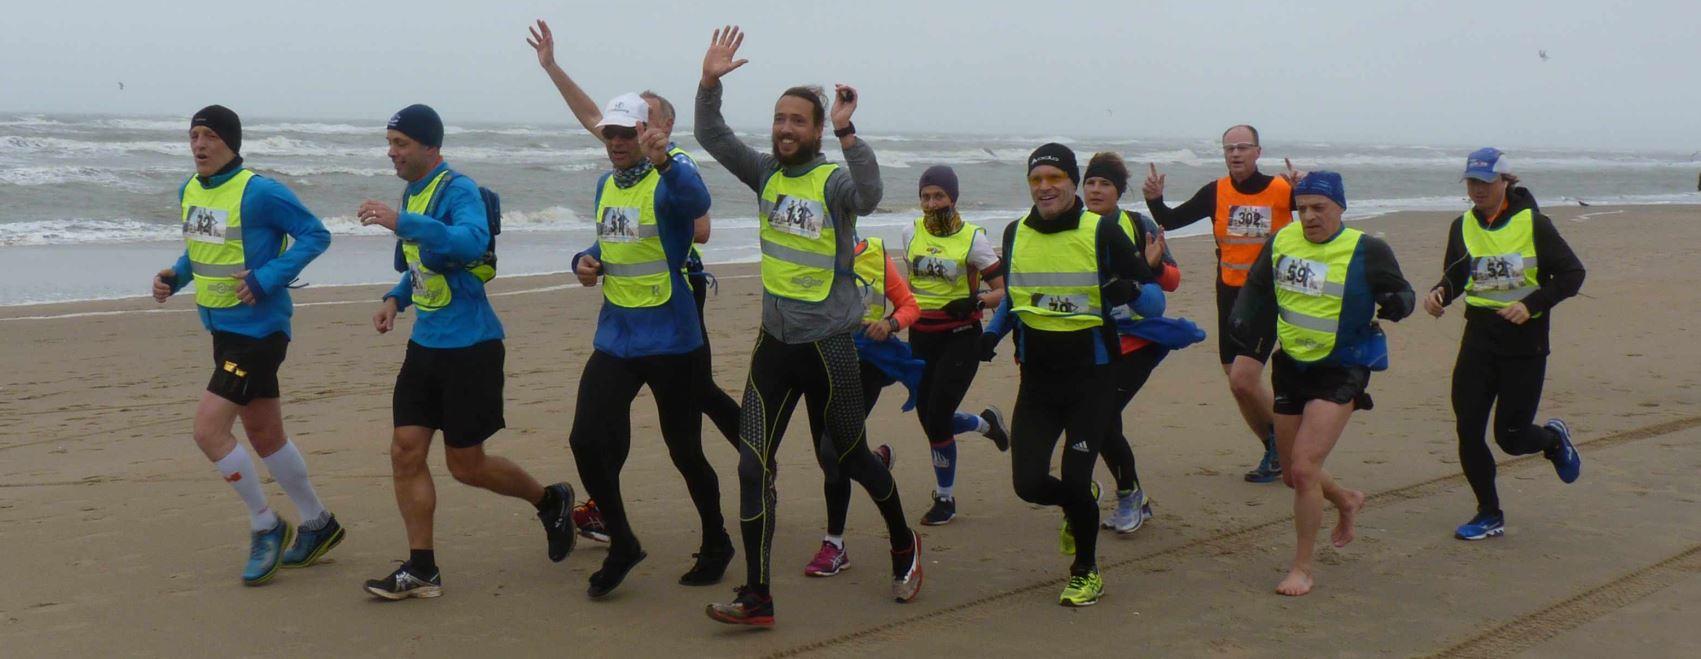 De ultieme uitdaging: Scheveningen Zandvoort Marathon!